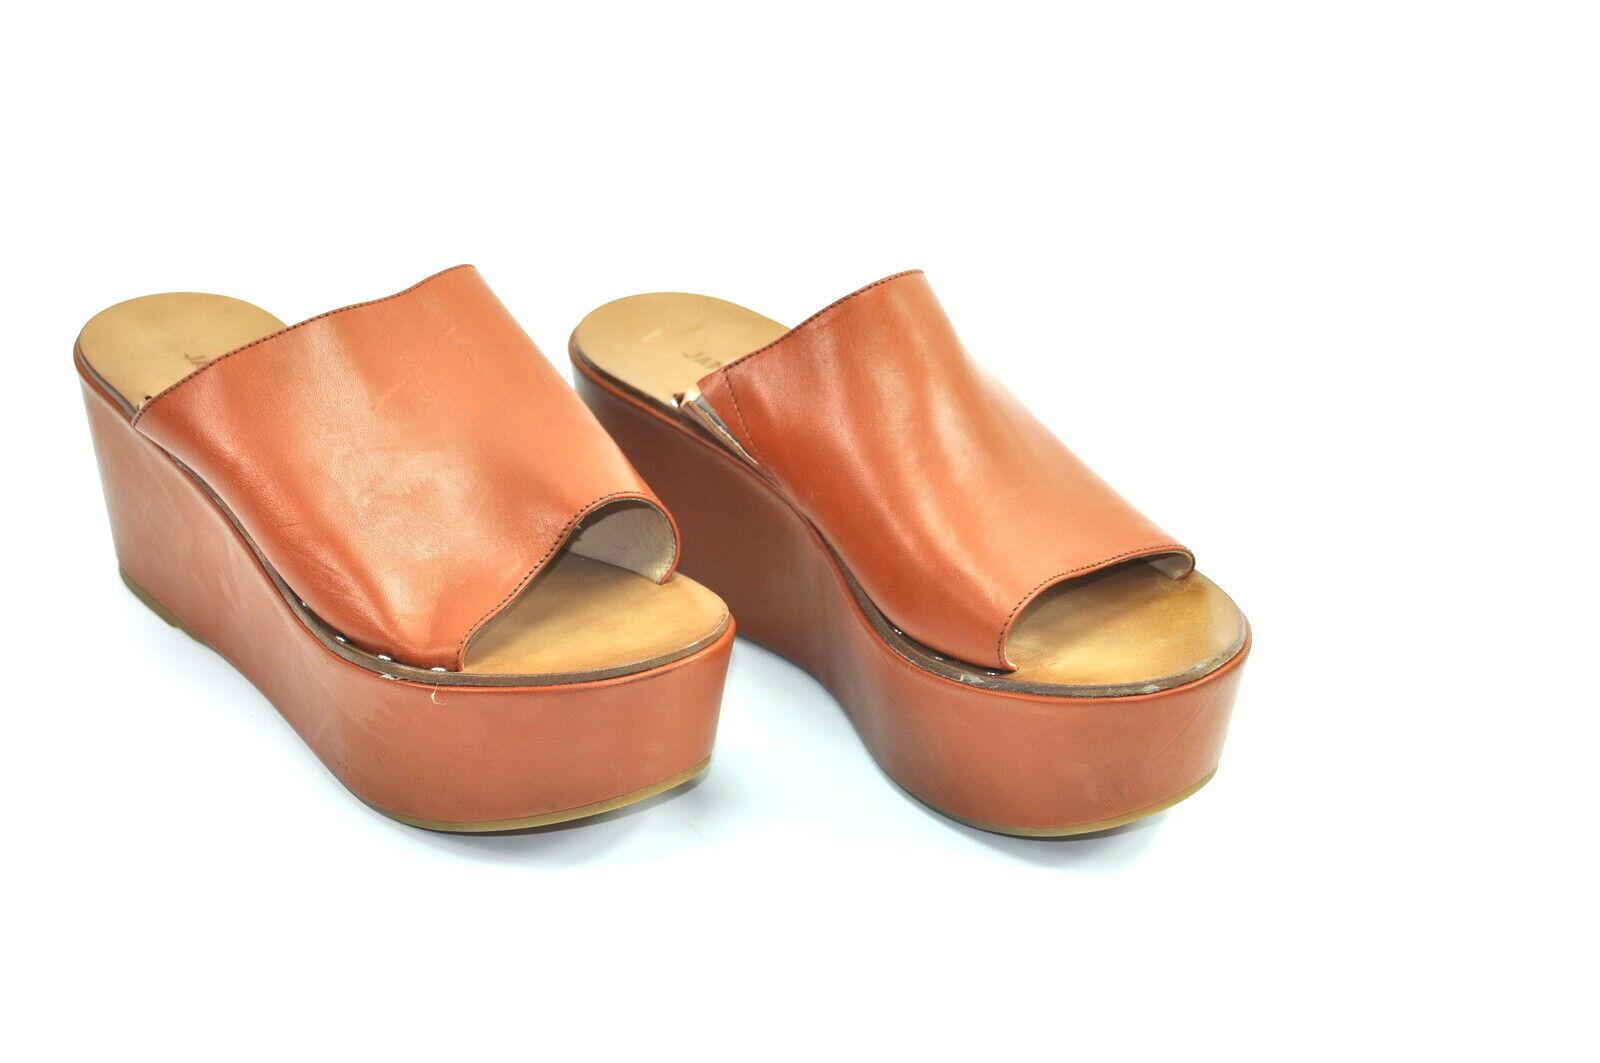 Janet & Janet Damen Sandale Sandalette Pantolette Gr. 39 Nr. 9-L 669